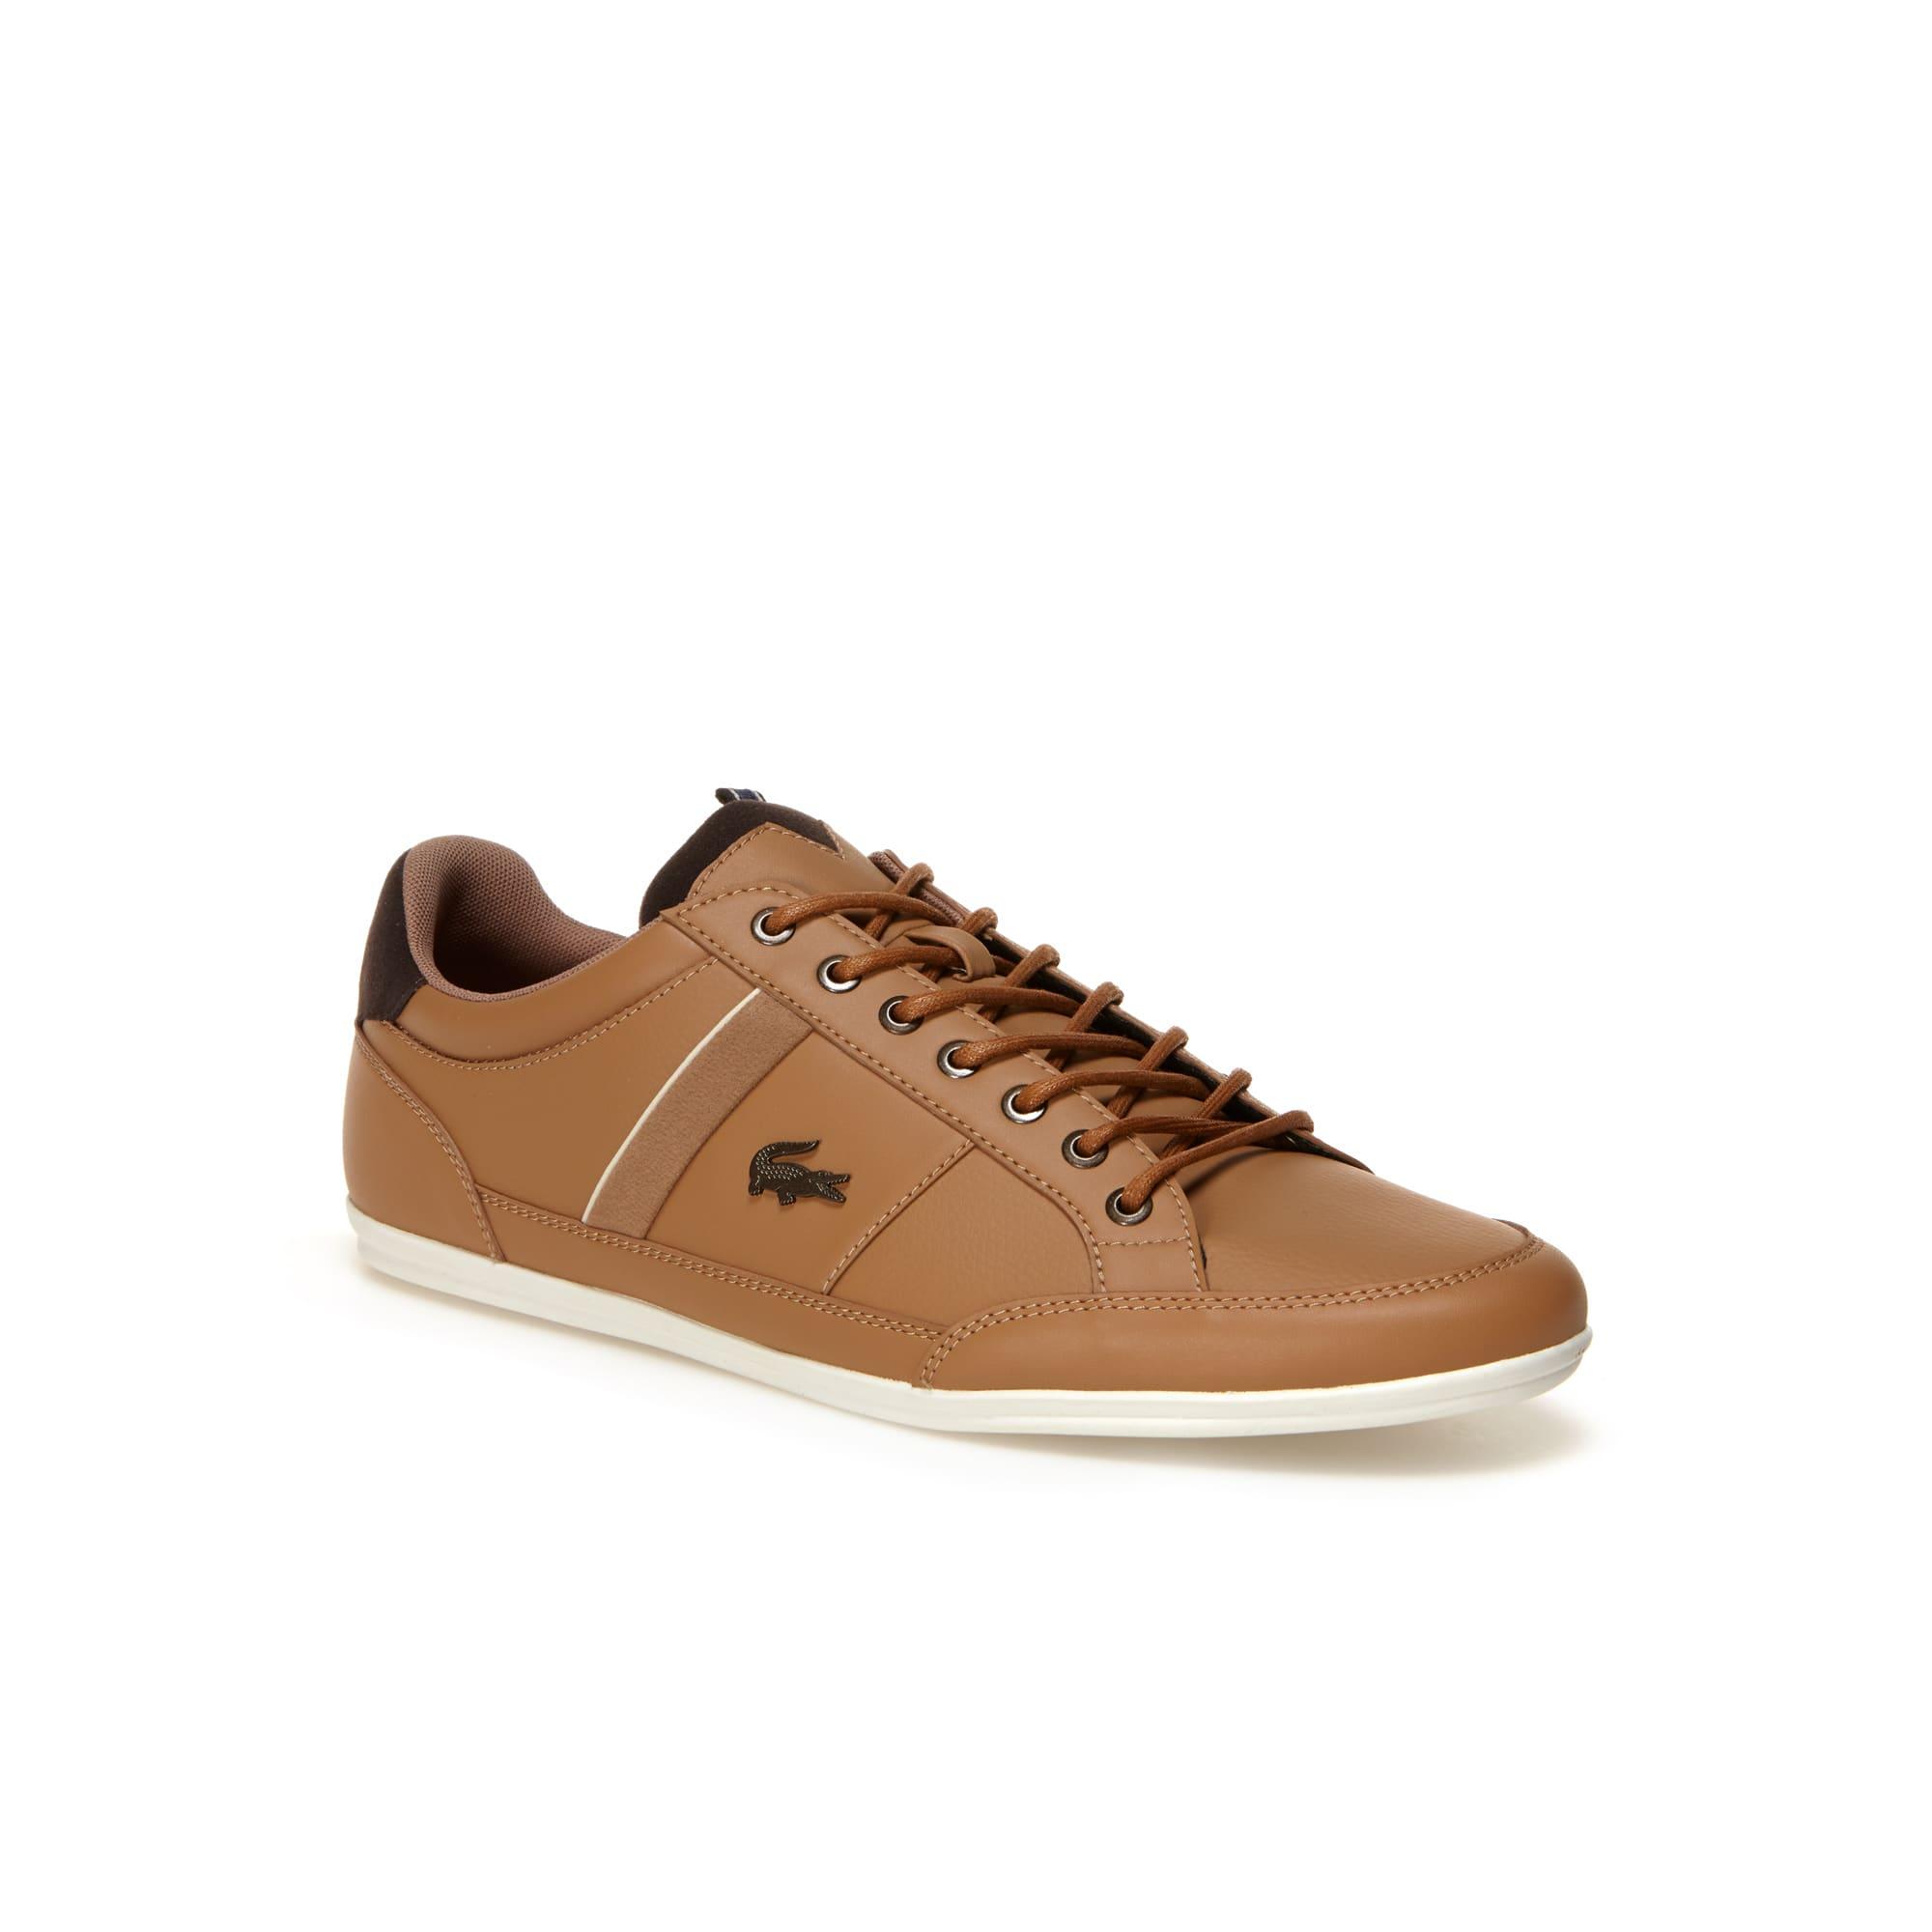 Sneakers Chaymon en cuir nappa